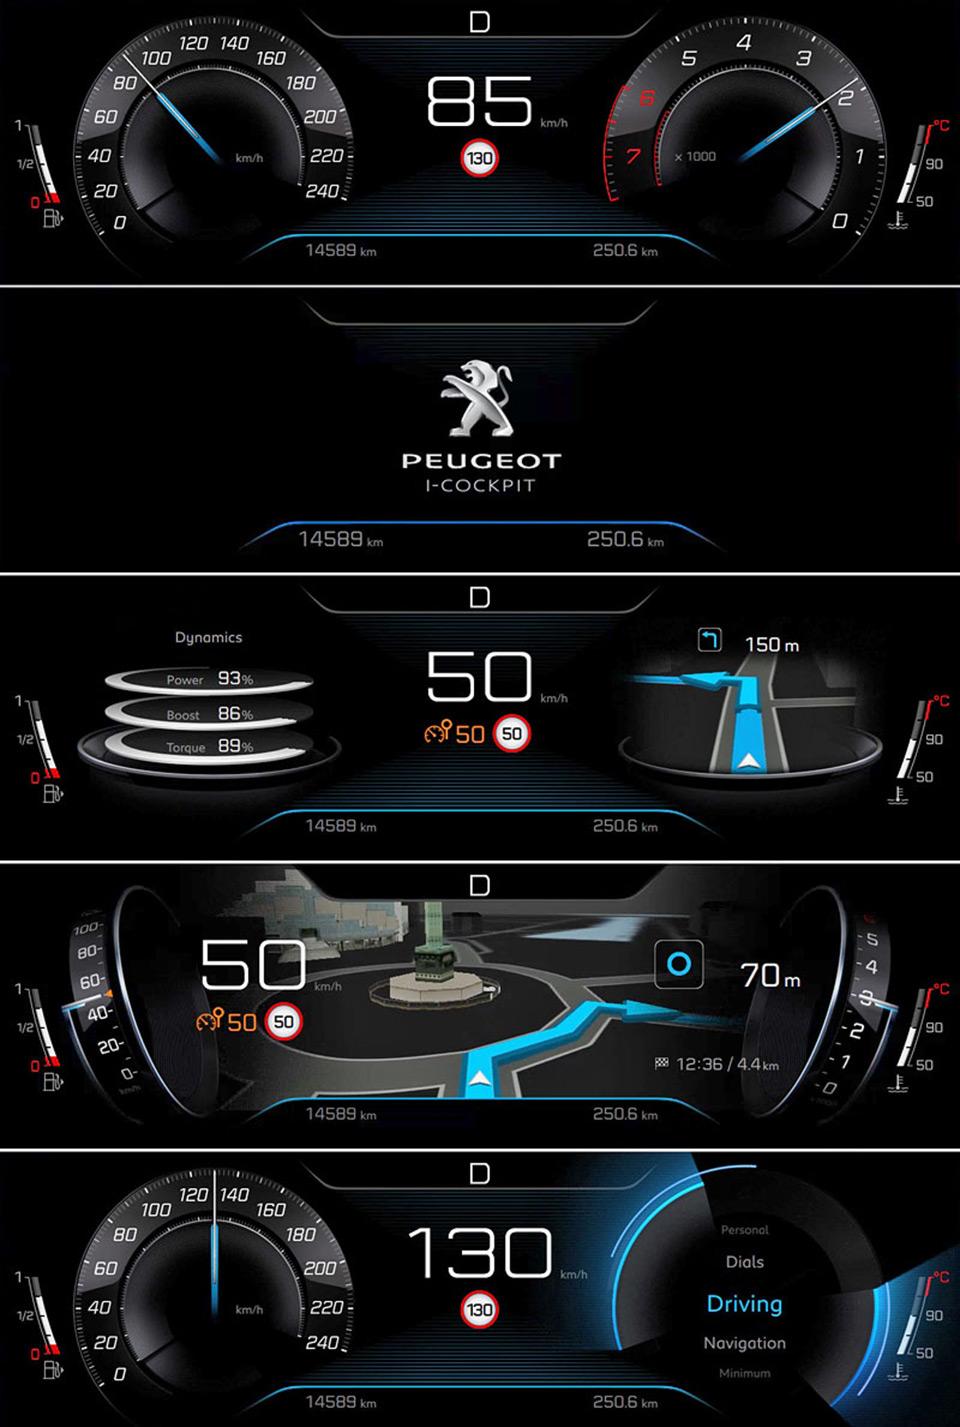 Peugeot dévoile le nouvel i-Cockpit de la Peugeot 3008 II